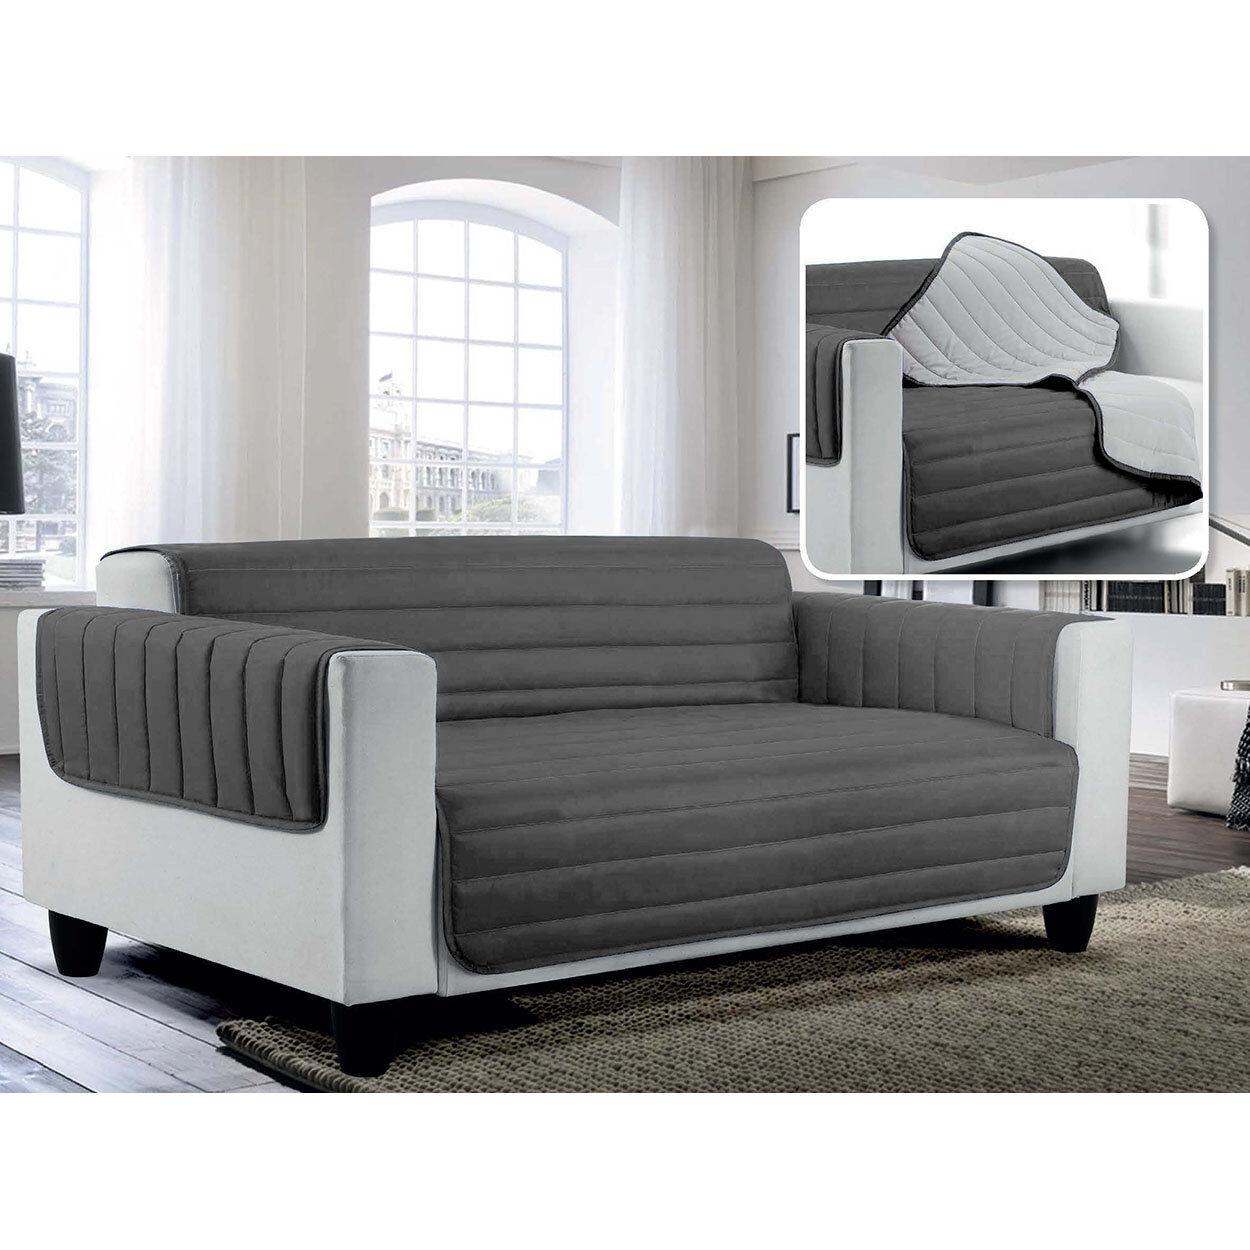 Arreda il tuo divano Copridivano trapuntato in microfibra anallergica doubleface ELEGANT, grigio chiaro / grigio scuro